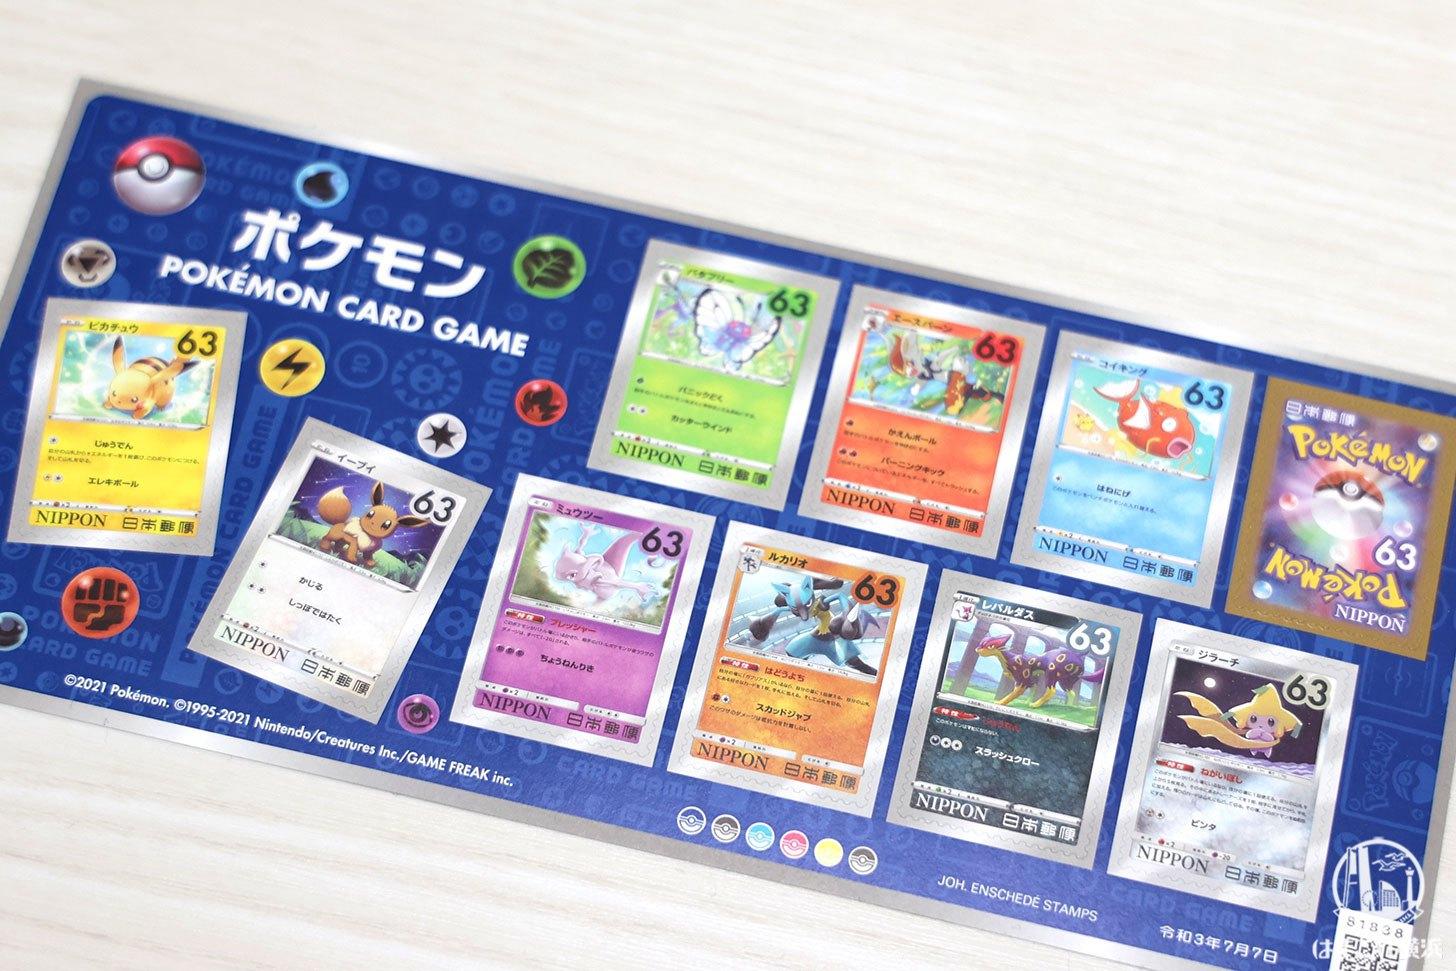 63円のポケモン切手